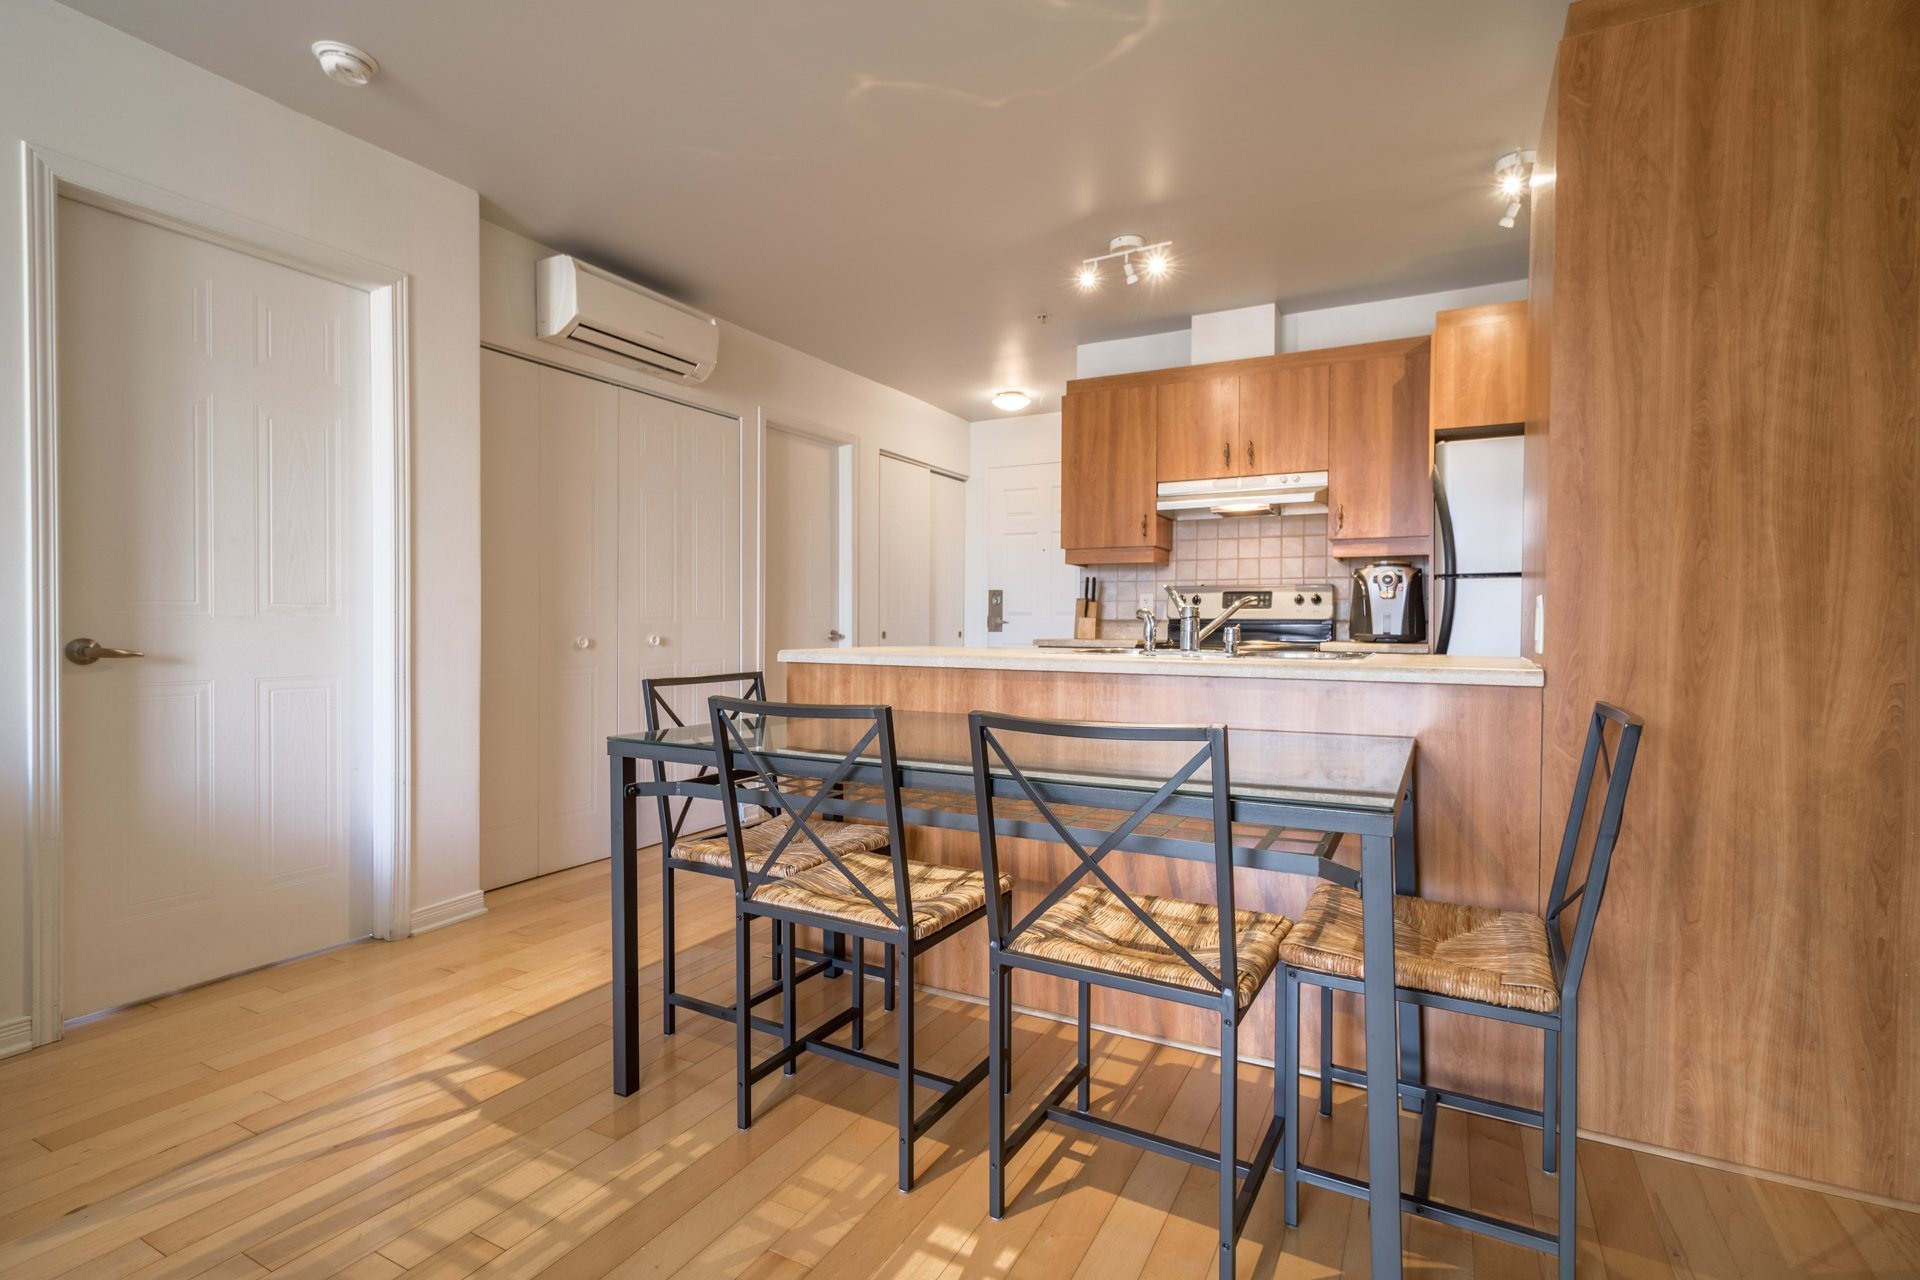 image 6 - Appartement À vendre Montréal Ville-Marie  - 4 pièces